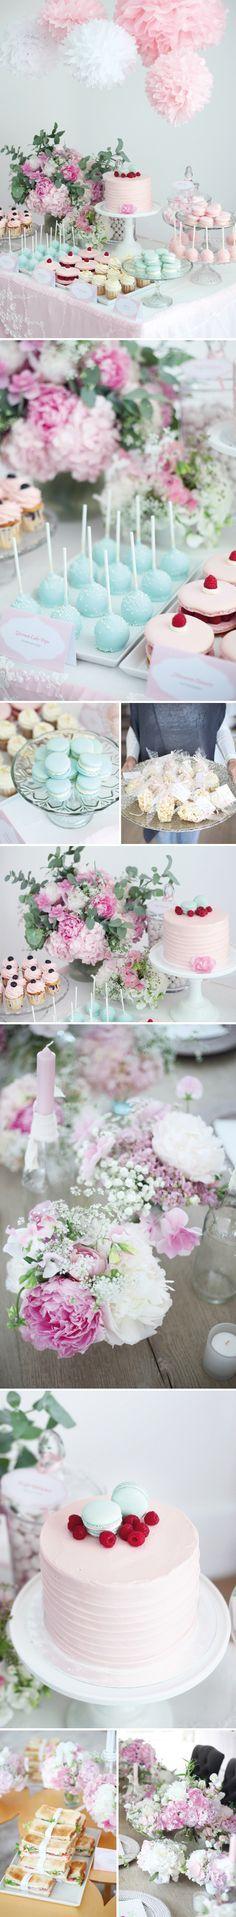 Hochzeit: Süßes von Zuckermonarchie: #CandyBuffet #Candybar   Hochzeit mit EVENTCROWD - Die Hochzeitsapp